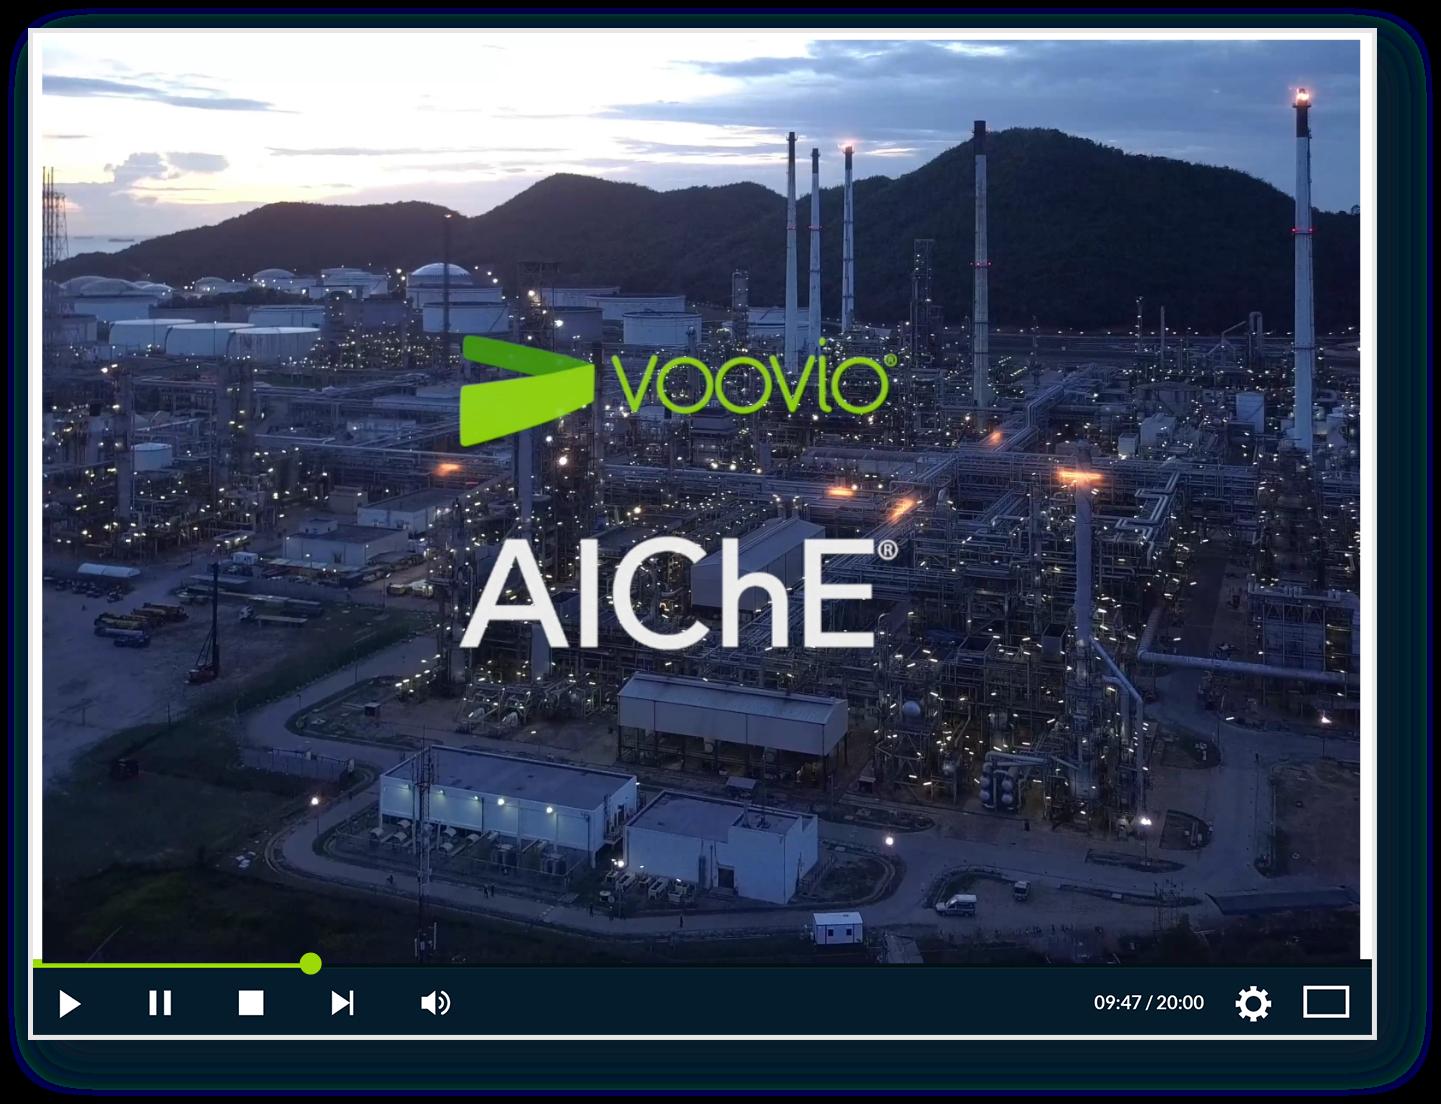 Voovio at AIChE European conference